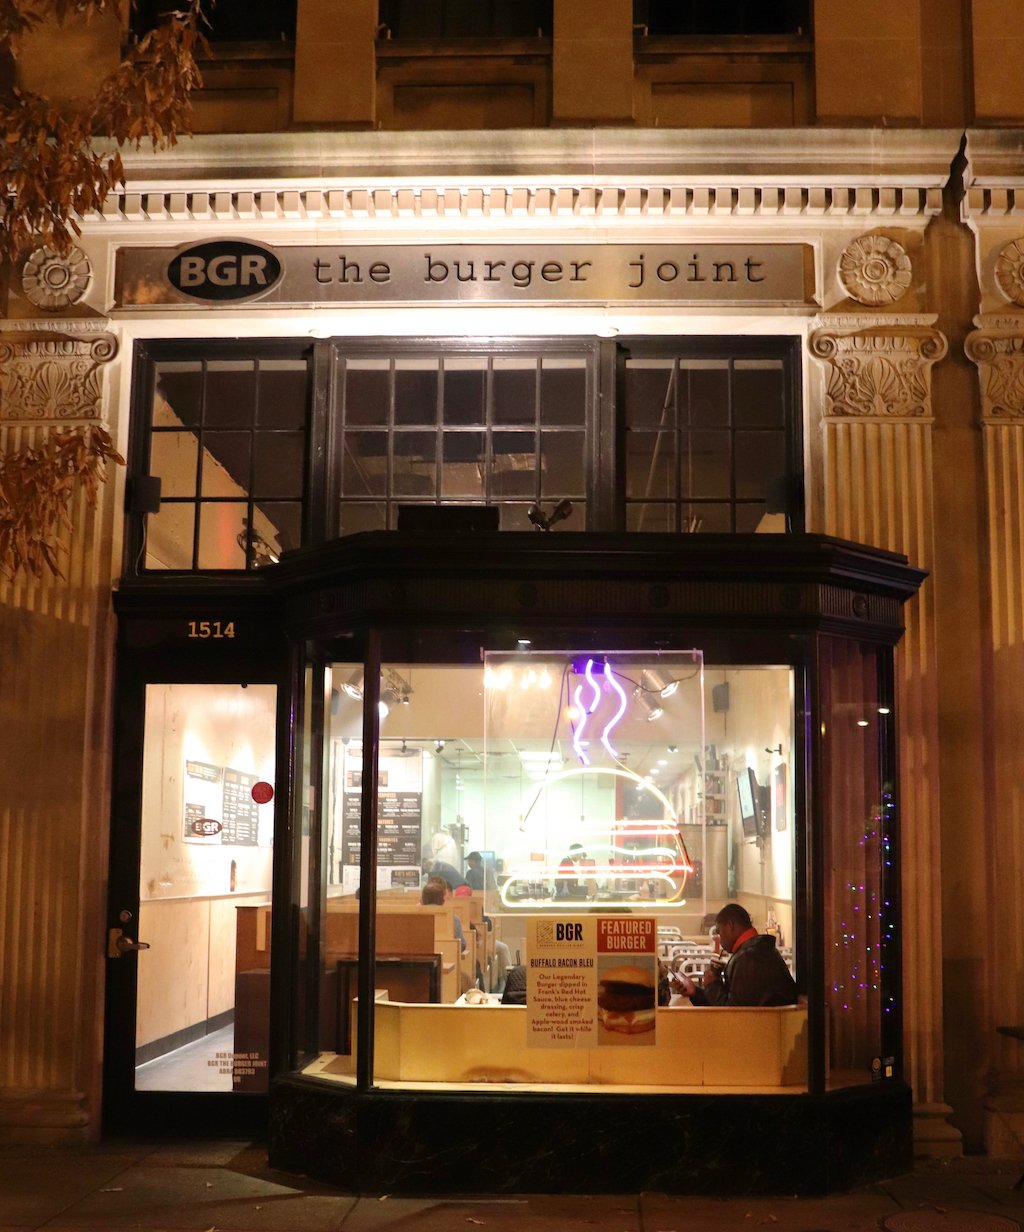 BGR The Burger Joint Washington D.C. Review